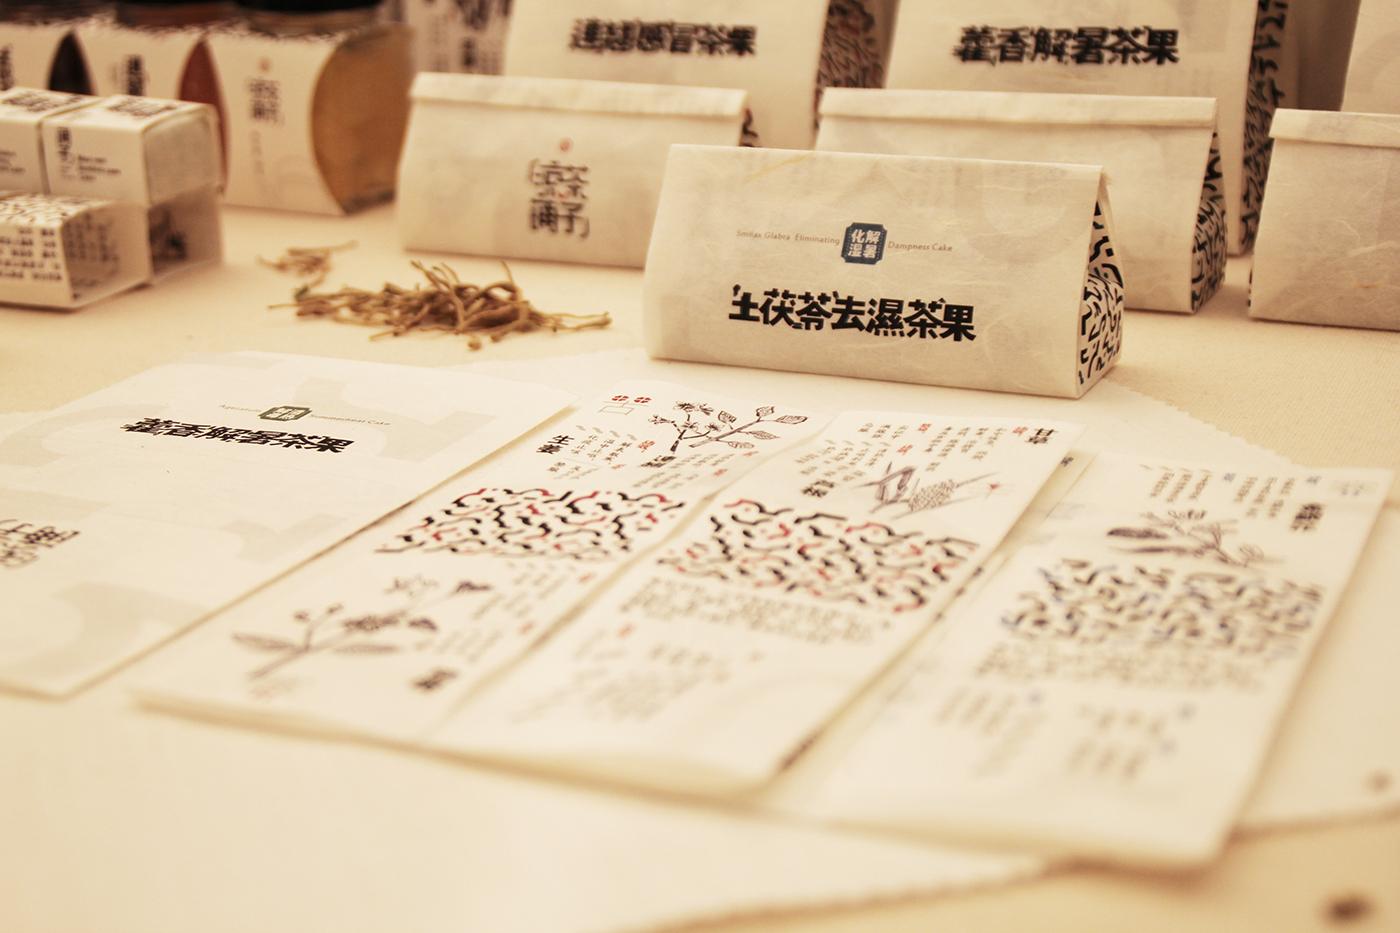 herbal tea package packing Packaging paper plants environmental chinese herbal tea